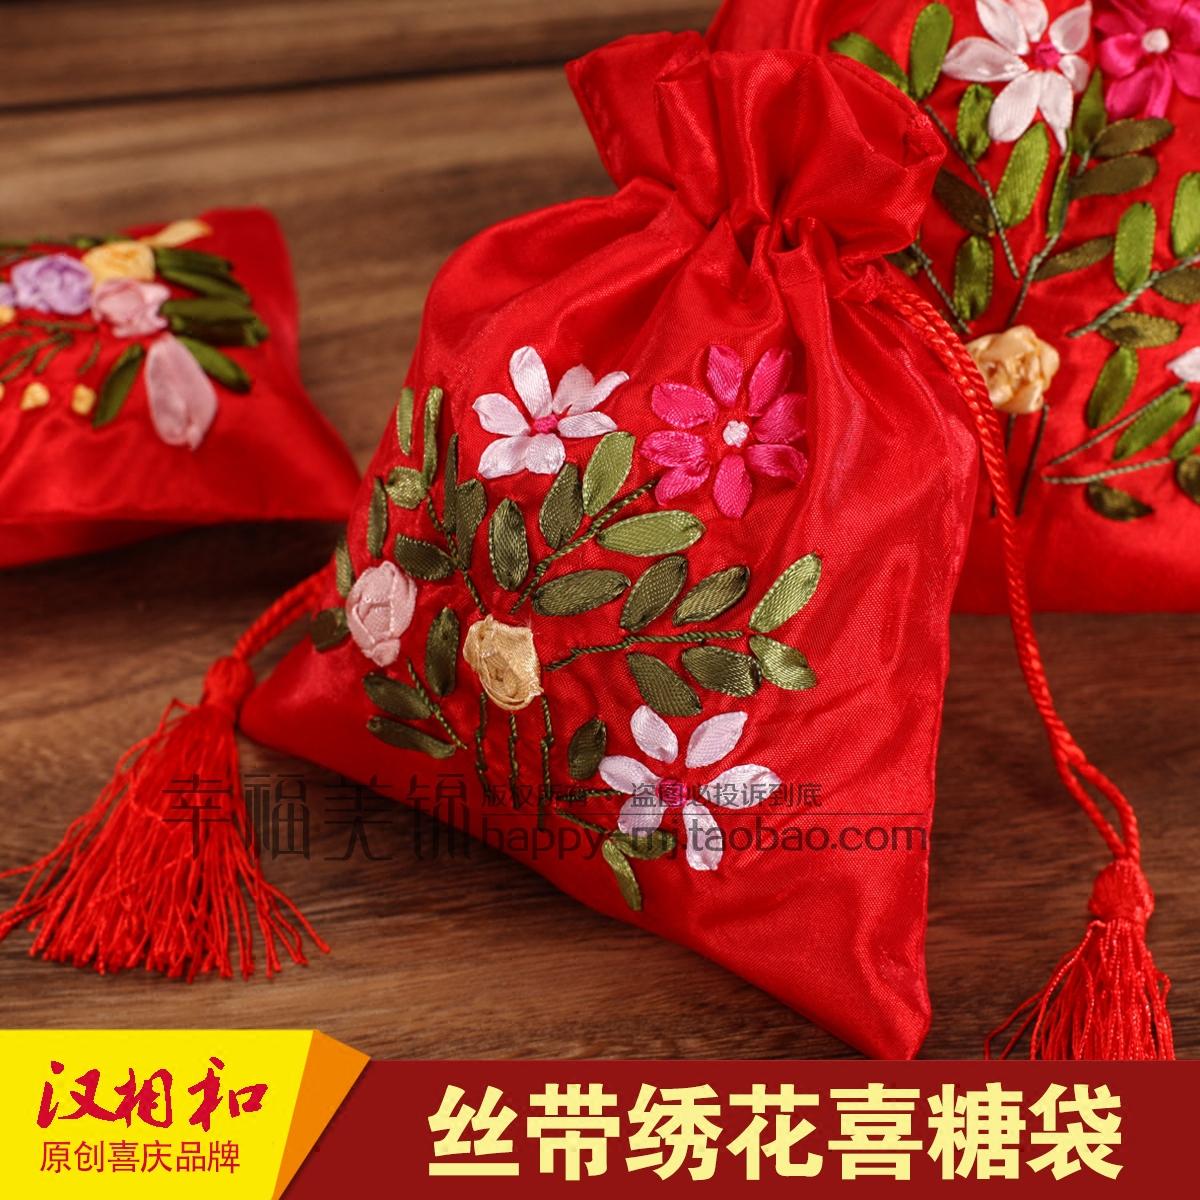 红色糖果包 结婚喜糖袋糖果包喜蛋包回礼品包装袋收纳袋红色大布袋婚礼丝带绣_推荐淘宝好看的红色糖果包